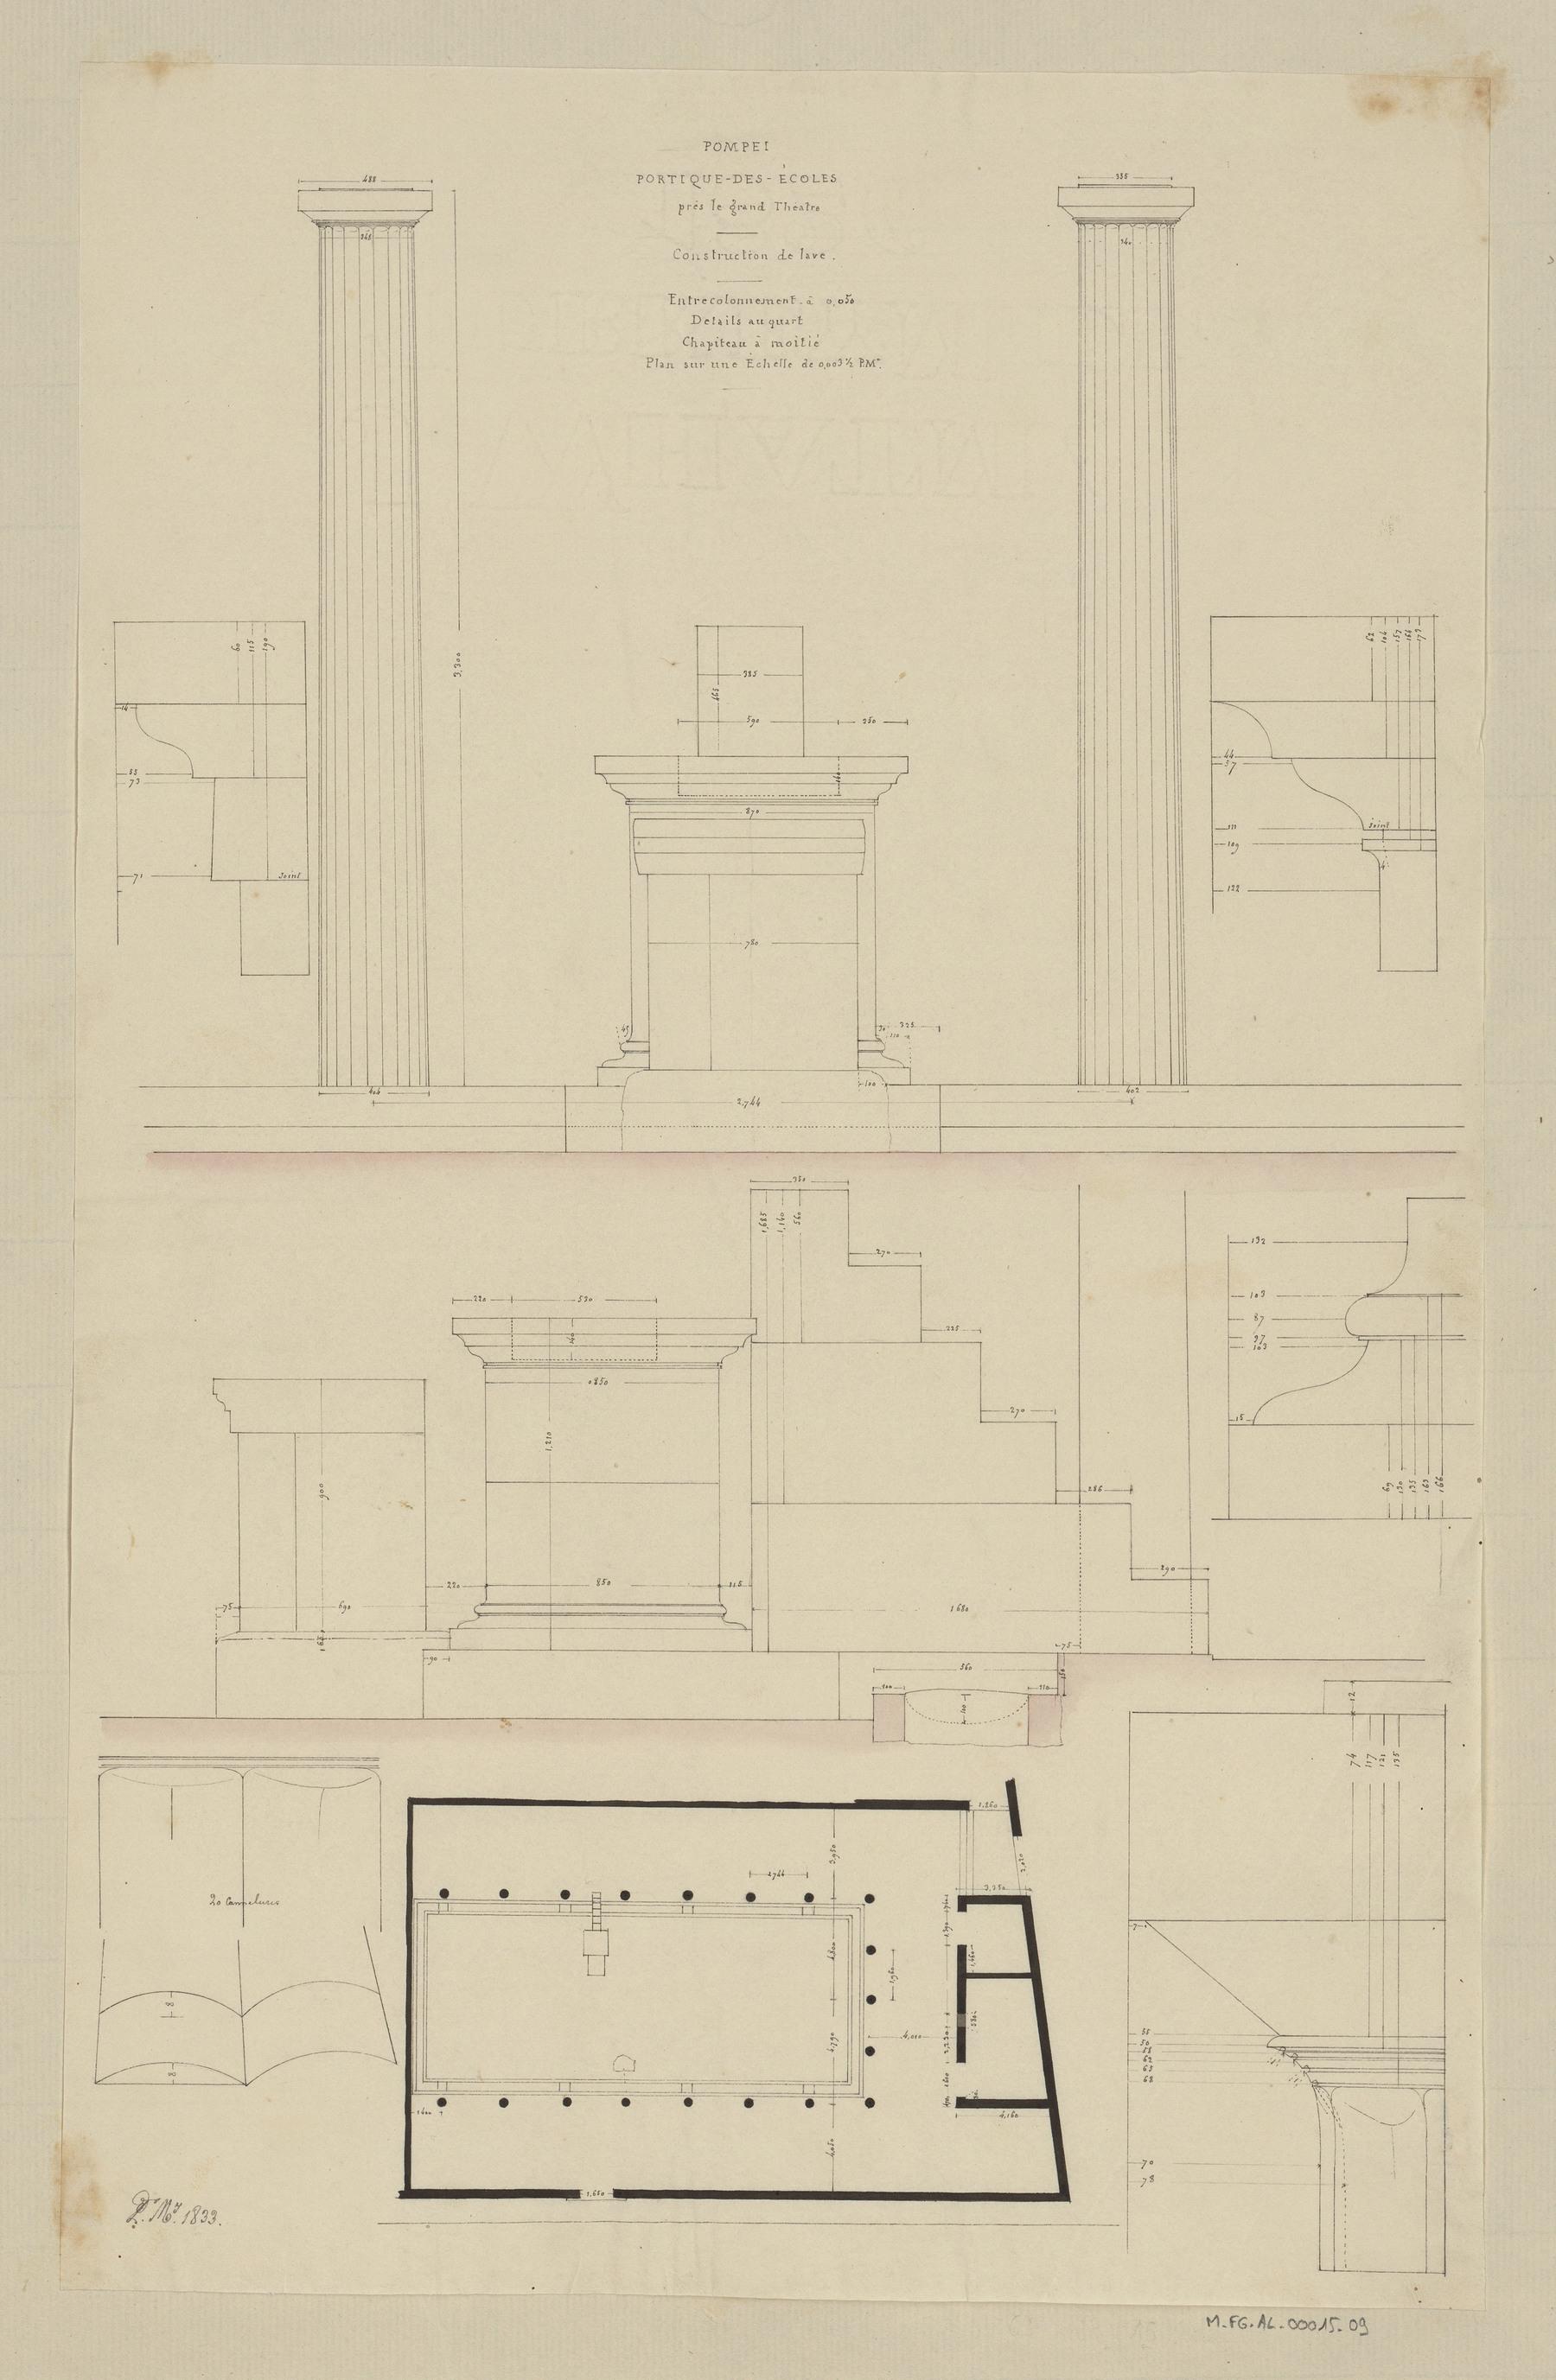 Contenu du Pompéi, portique des écoles près le grand théâtre